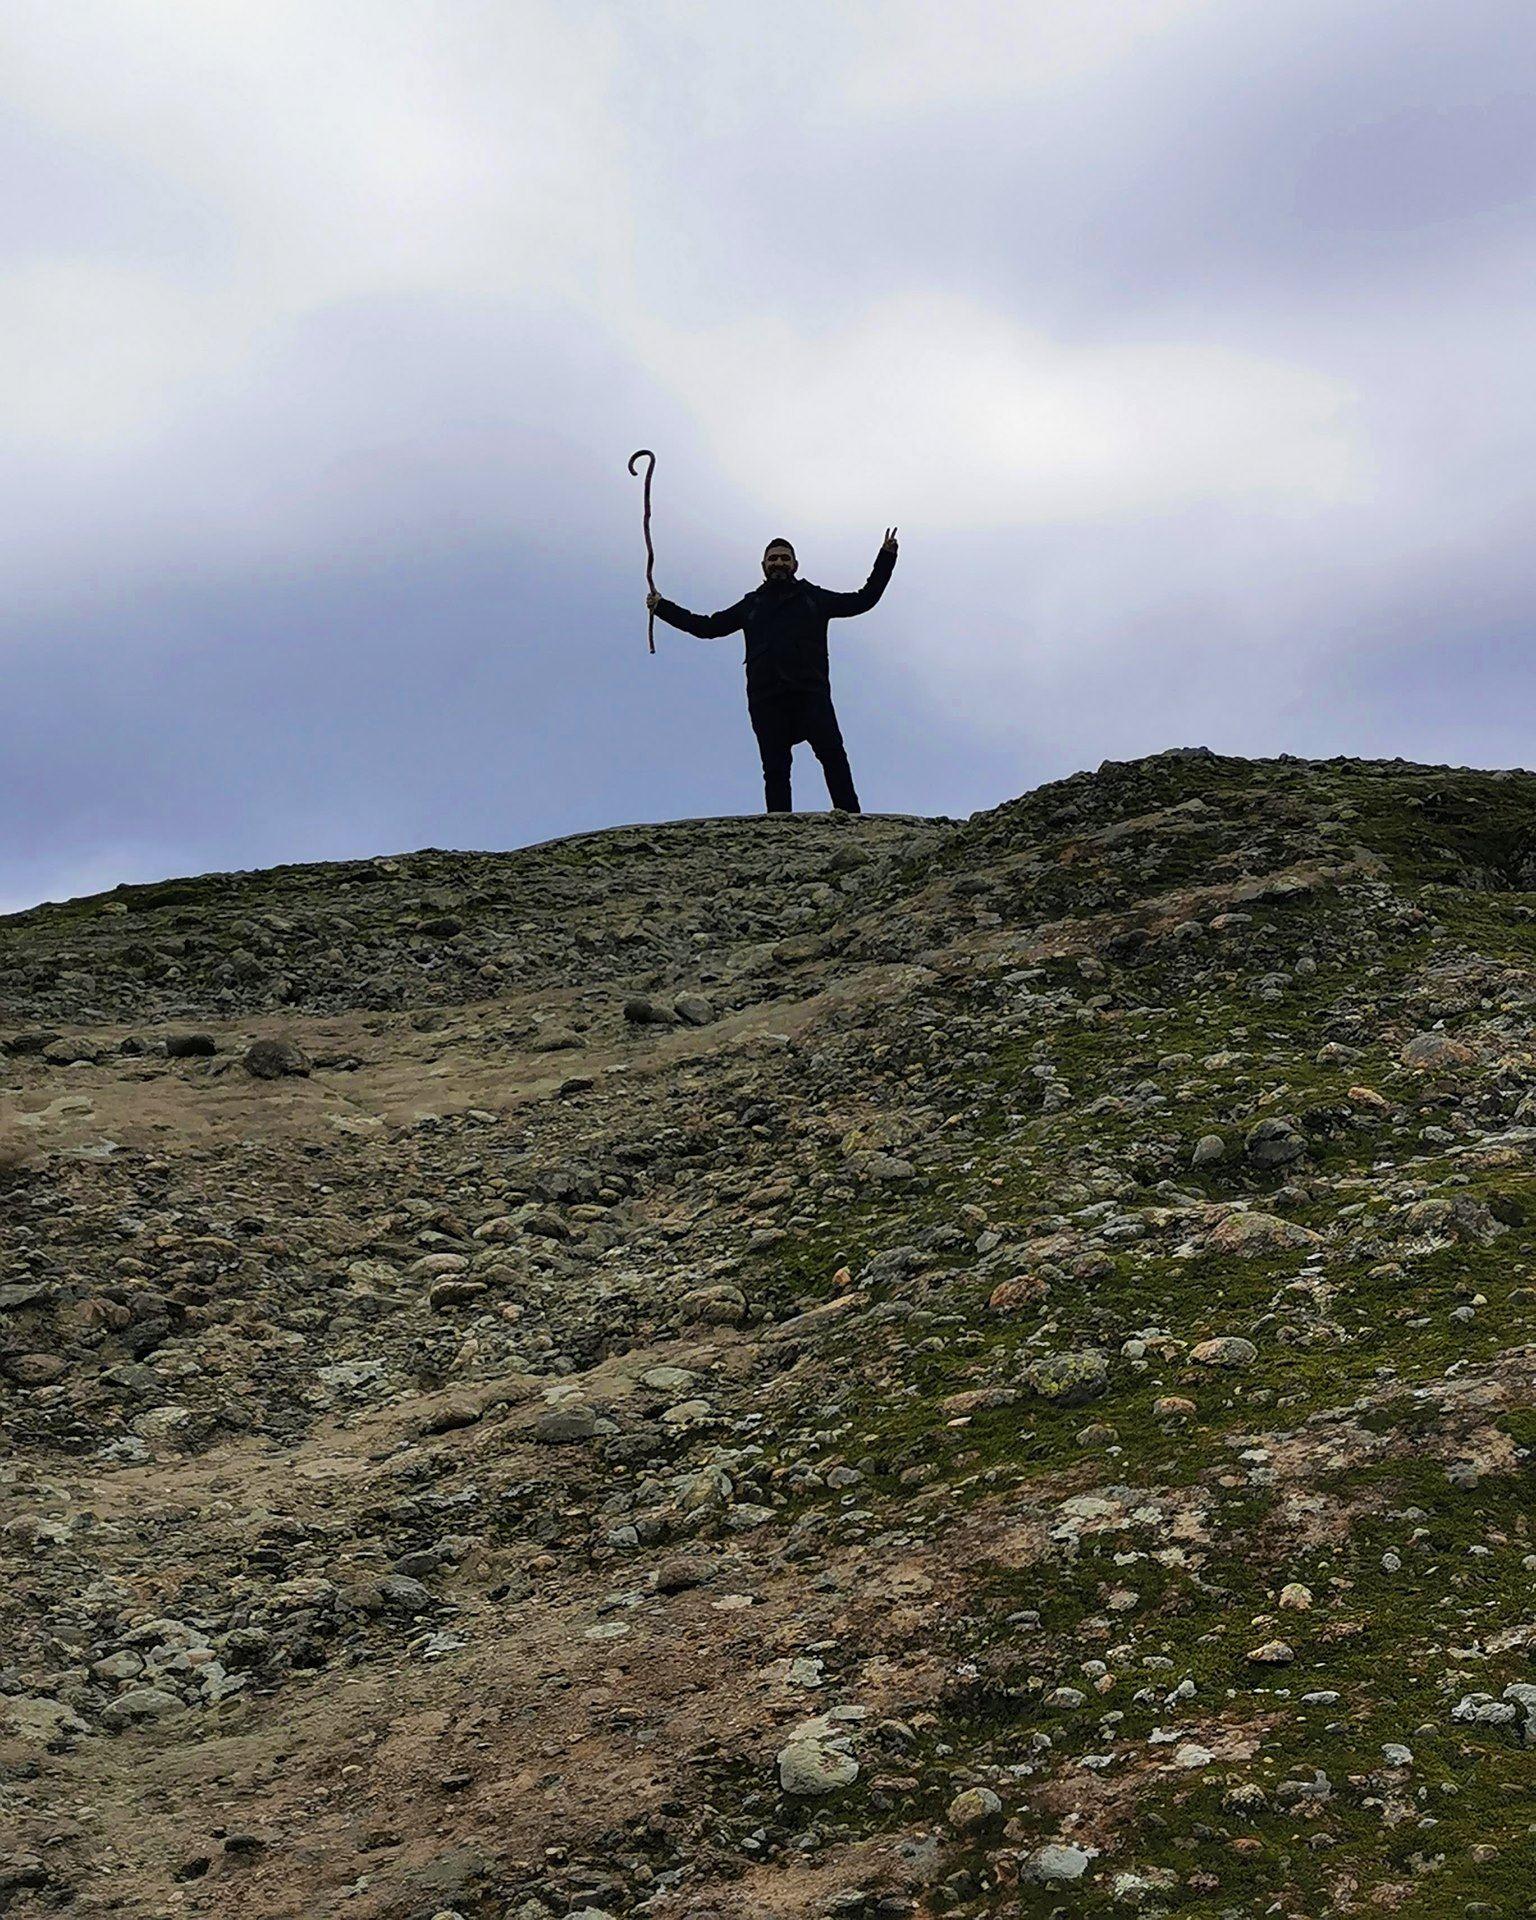 Ανακαλύπτουμε κάθε κορυφή παρέα με τις κατσούνες μας!